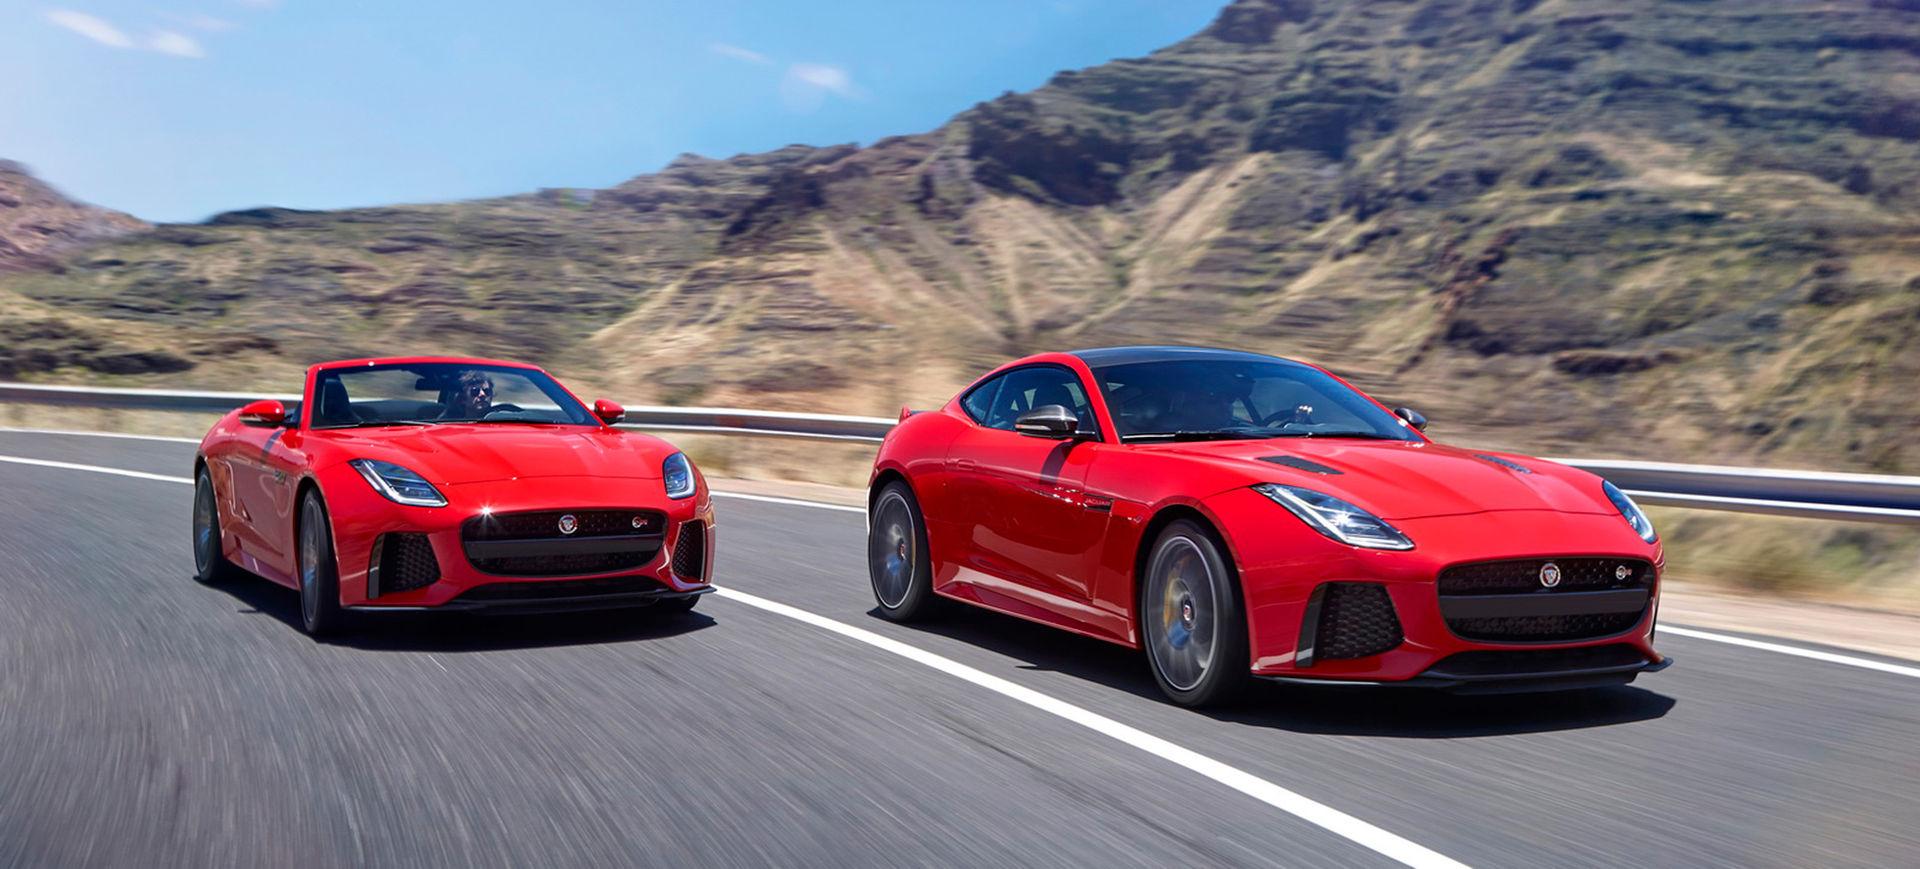 Jaguar lyfter F-Type